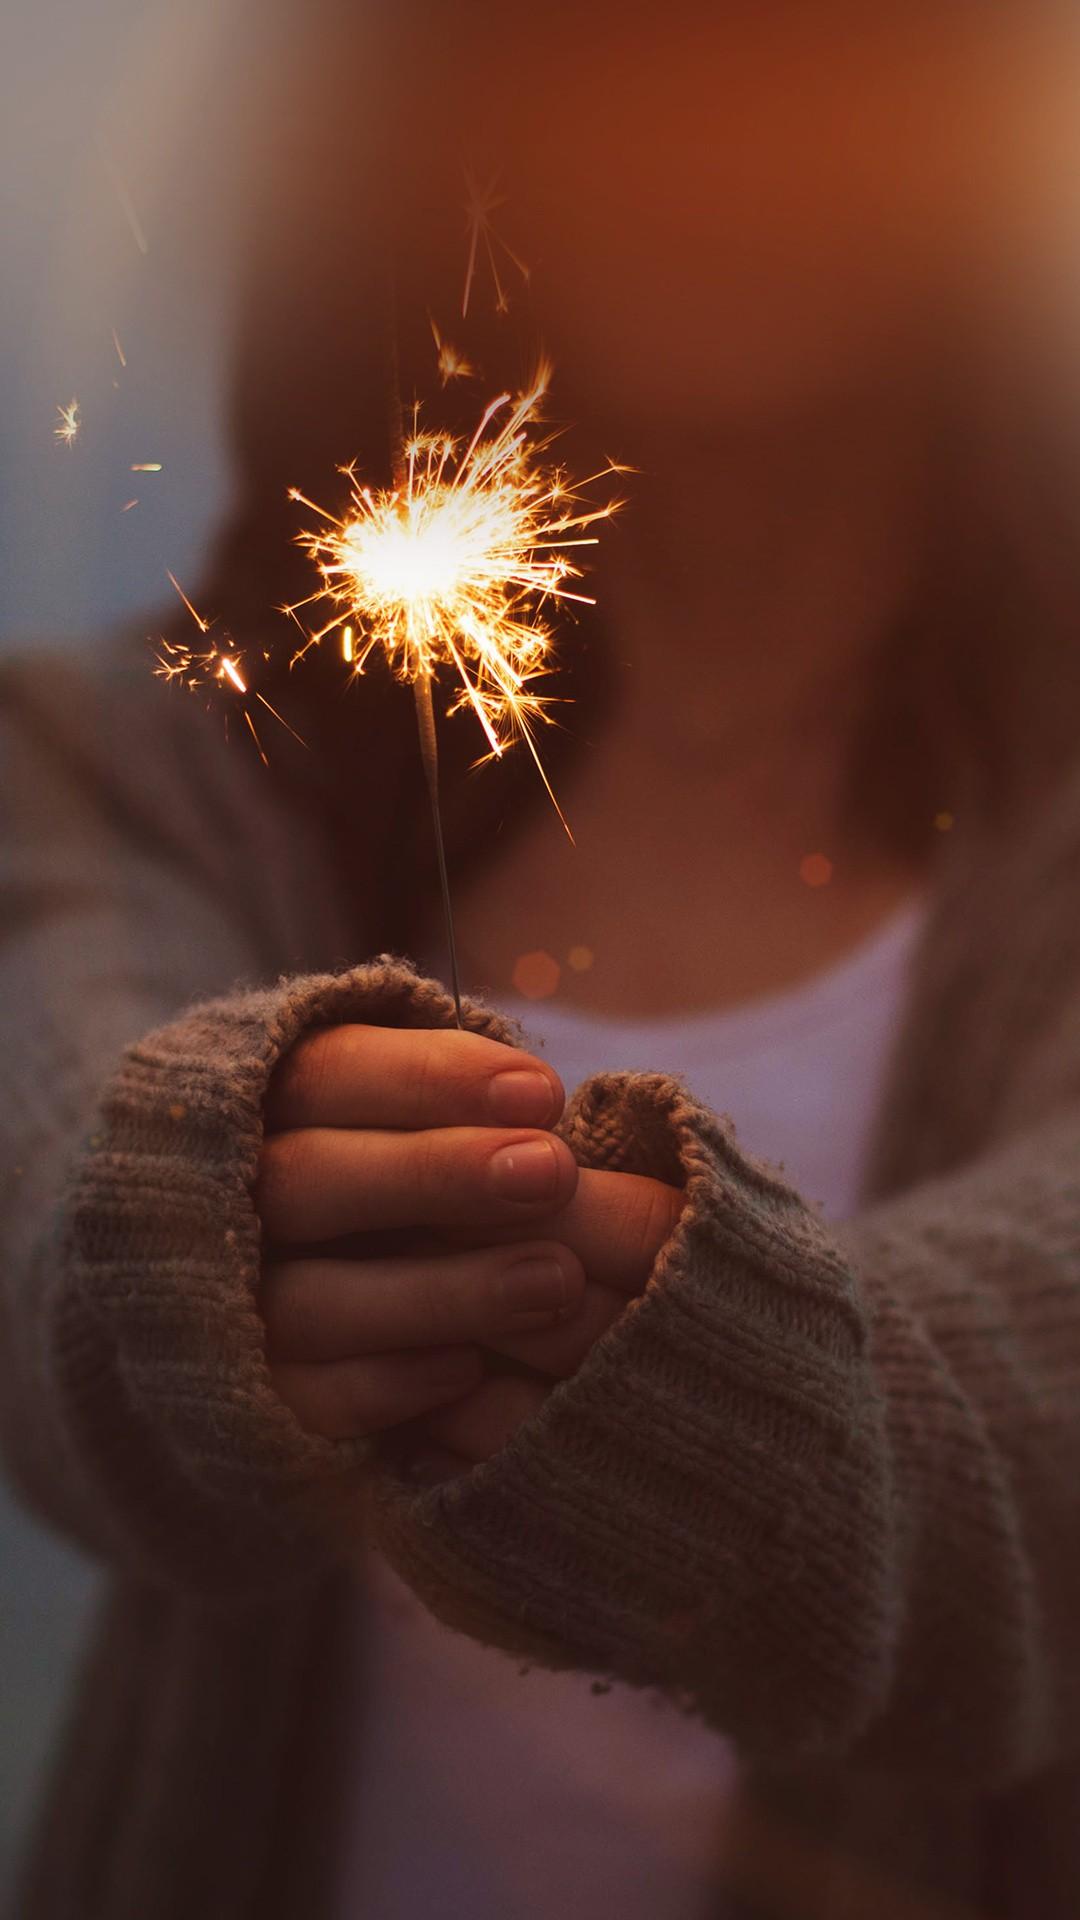 كل عام و انتم بخير يا ربي القادم من اﻷيام أحلى و أجمل